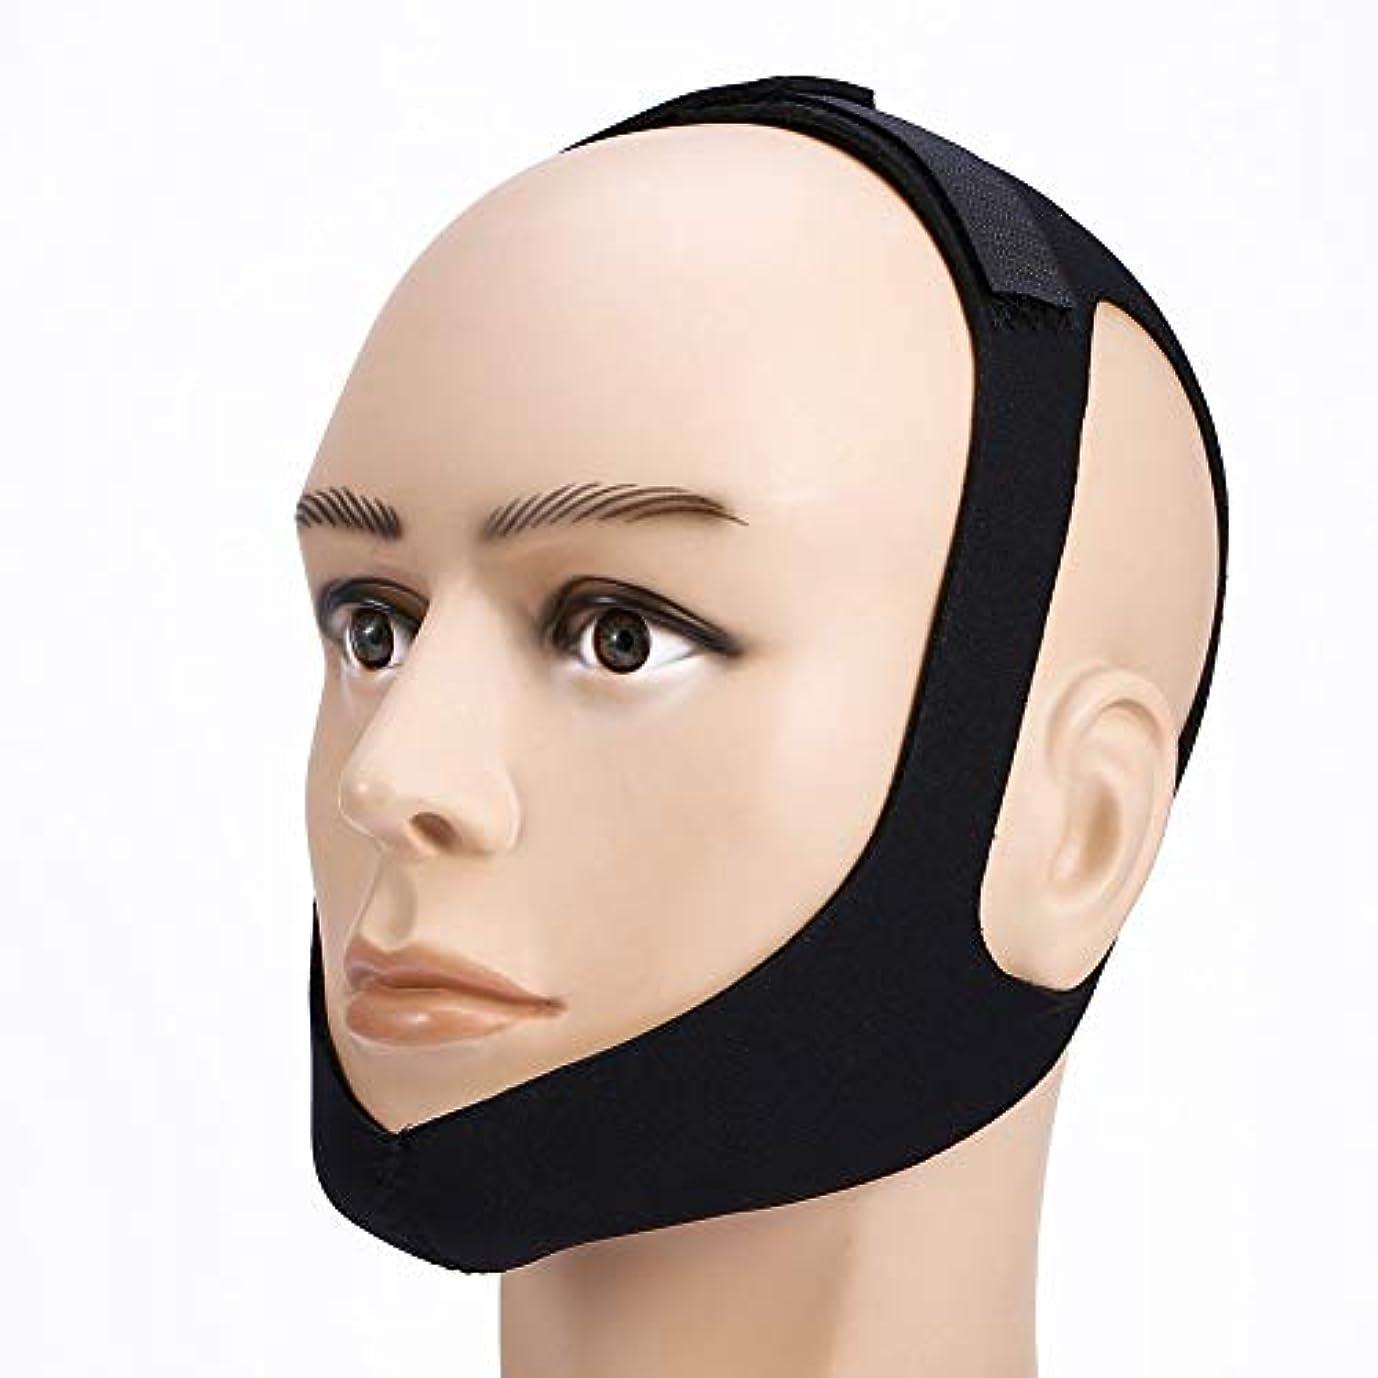 繁栄するやさしく敗北注意睡眠時無呼吸顎あごサポートストラップベルトいびき防止ヘッドバンドいびきベルト止めいびき防止マスク女性用男性寝具